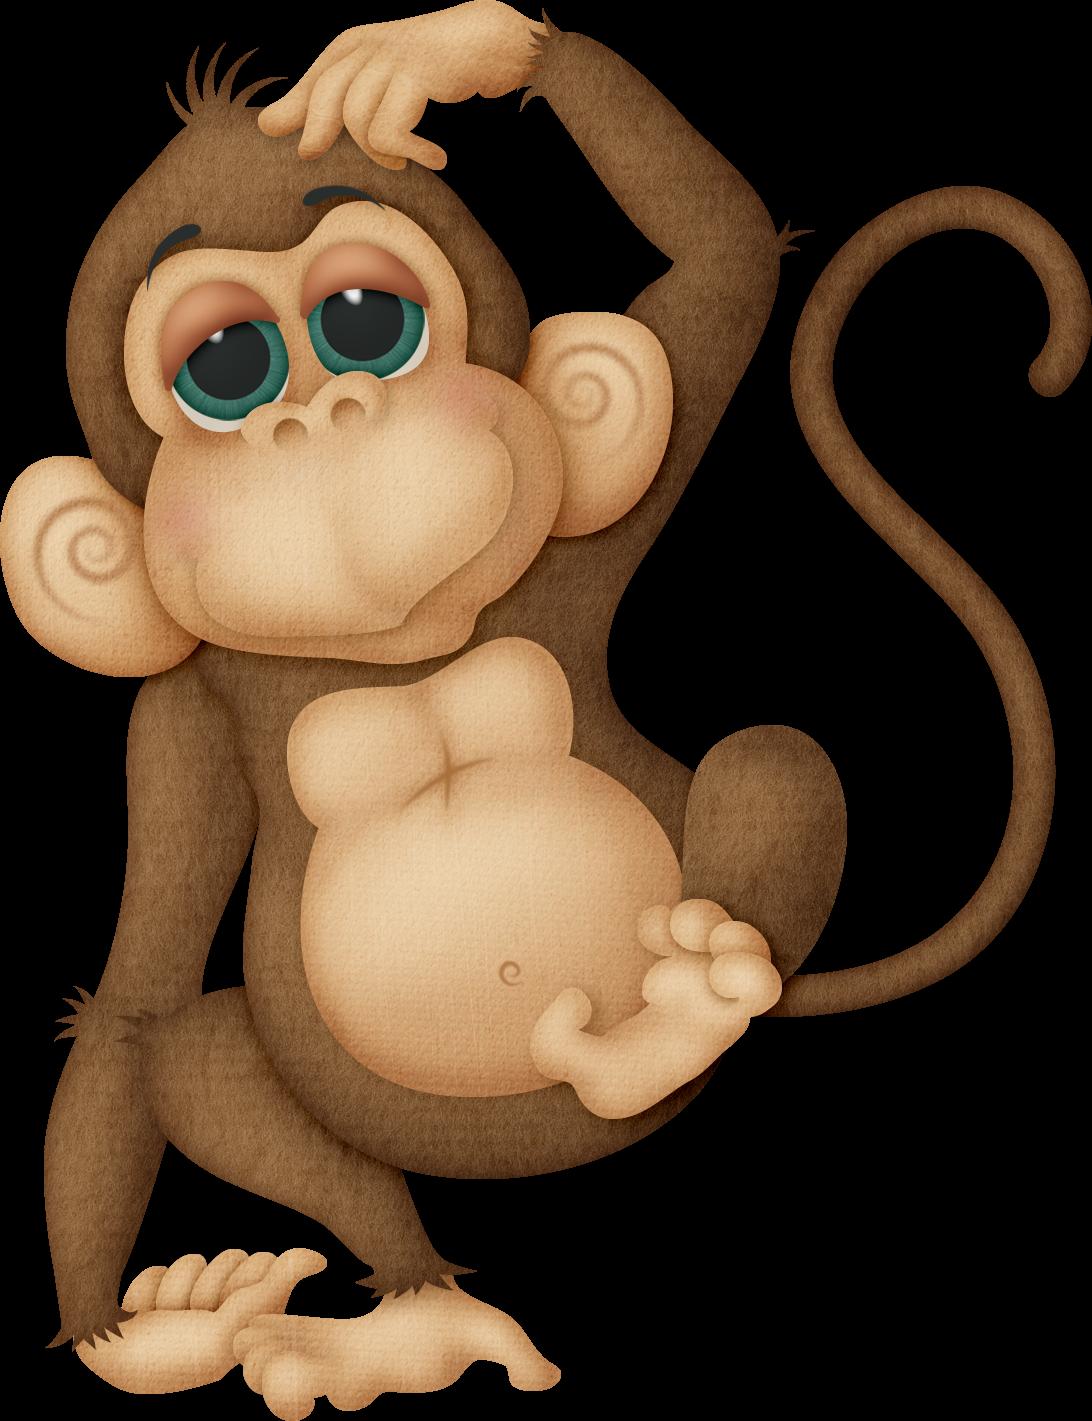 http://2.bp.blogspot.com/-9lvA6XFuzmQ/TroXd7oeoNI/AAAAAAAAAOM/R_oACdFZ6_I/s1600/monkey.png